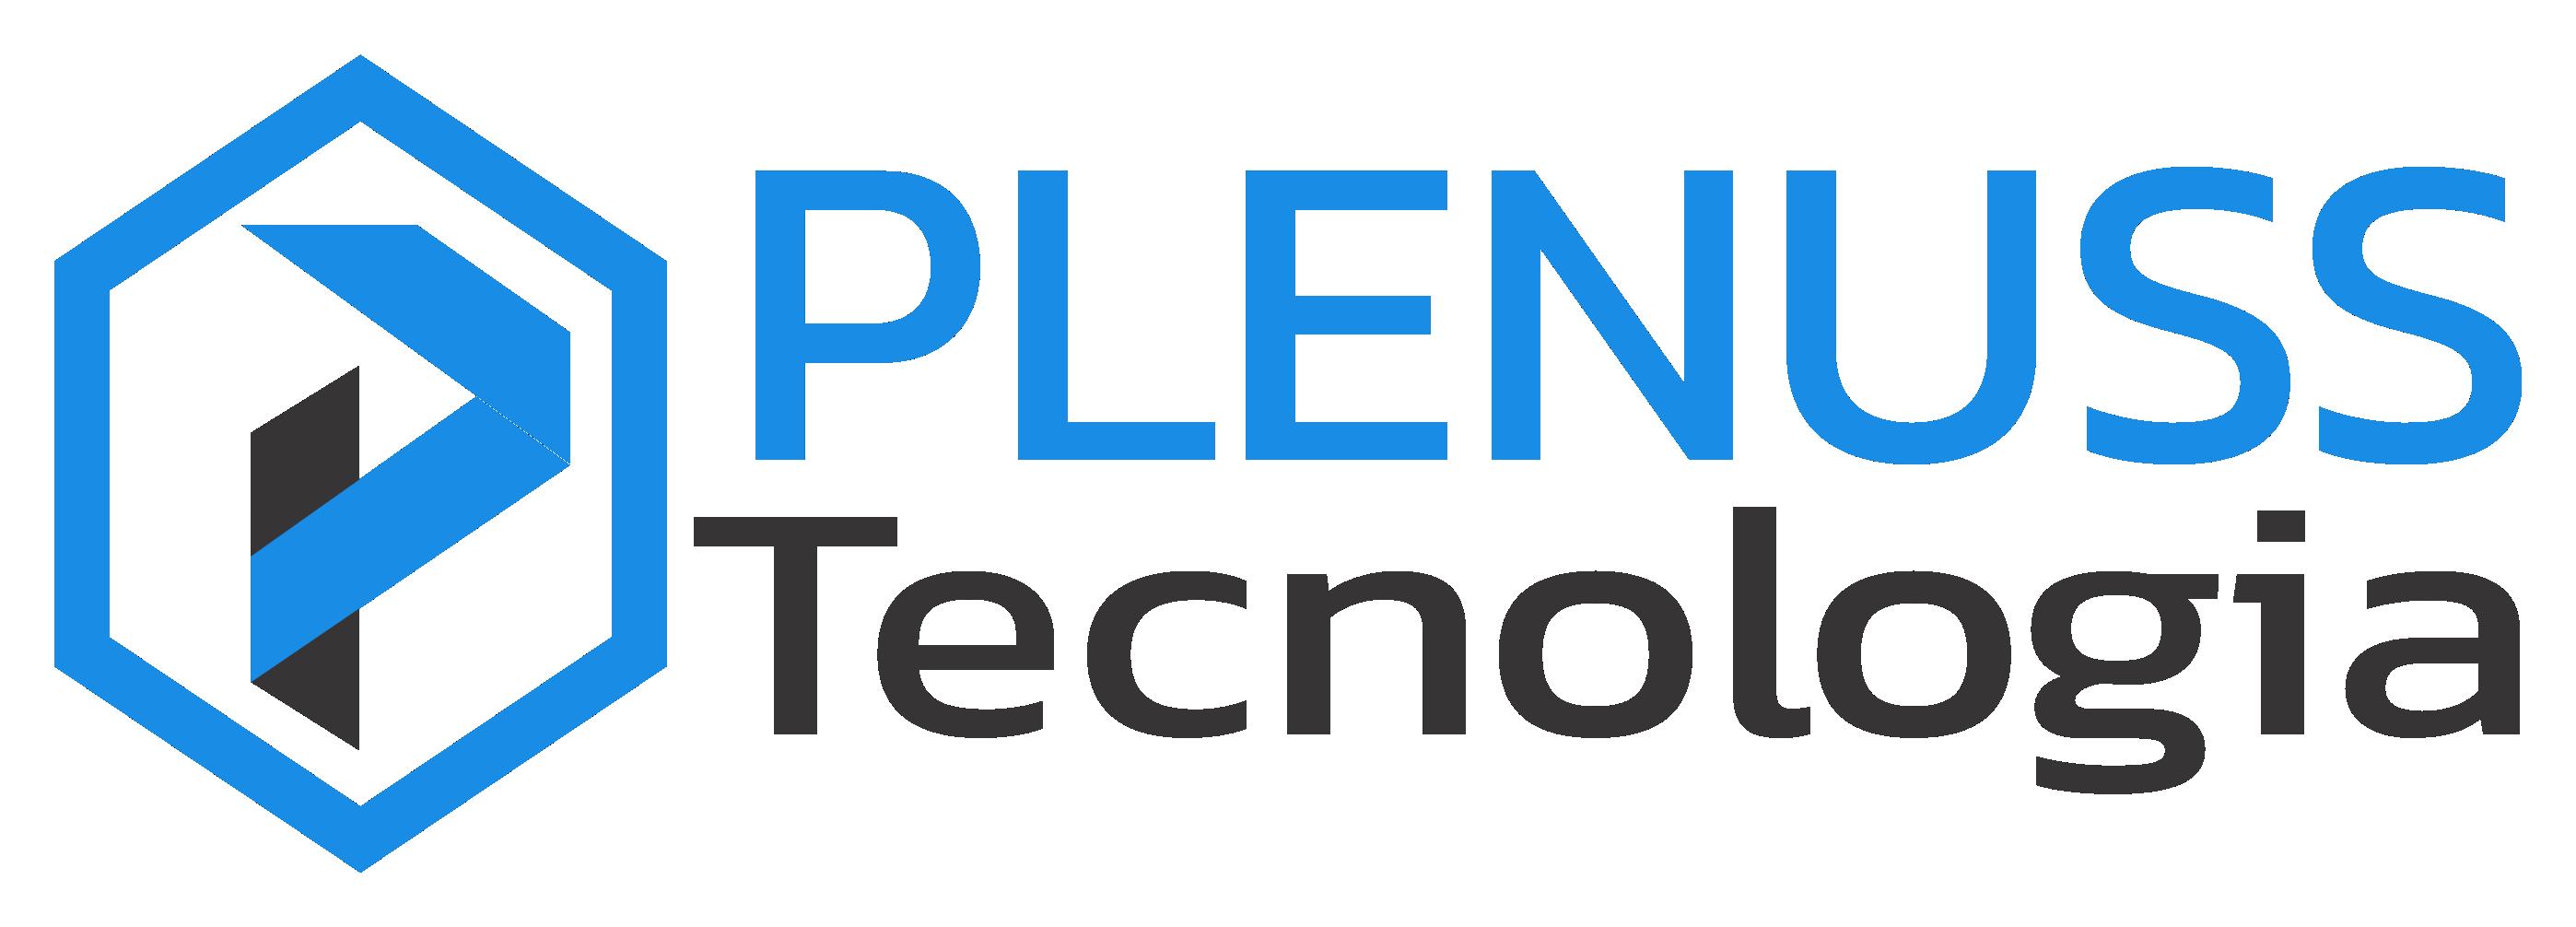 PLENUSS Tecnologia - Serviços de Ti, Segurança Eletrônica, Telefonia, Cabeamento, Elétrica